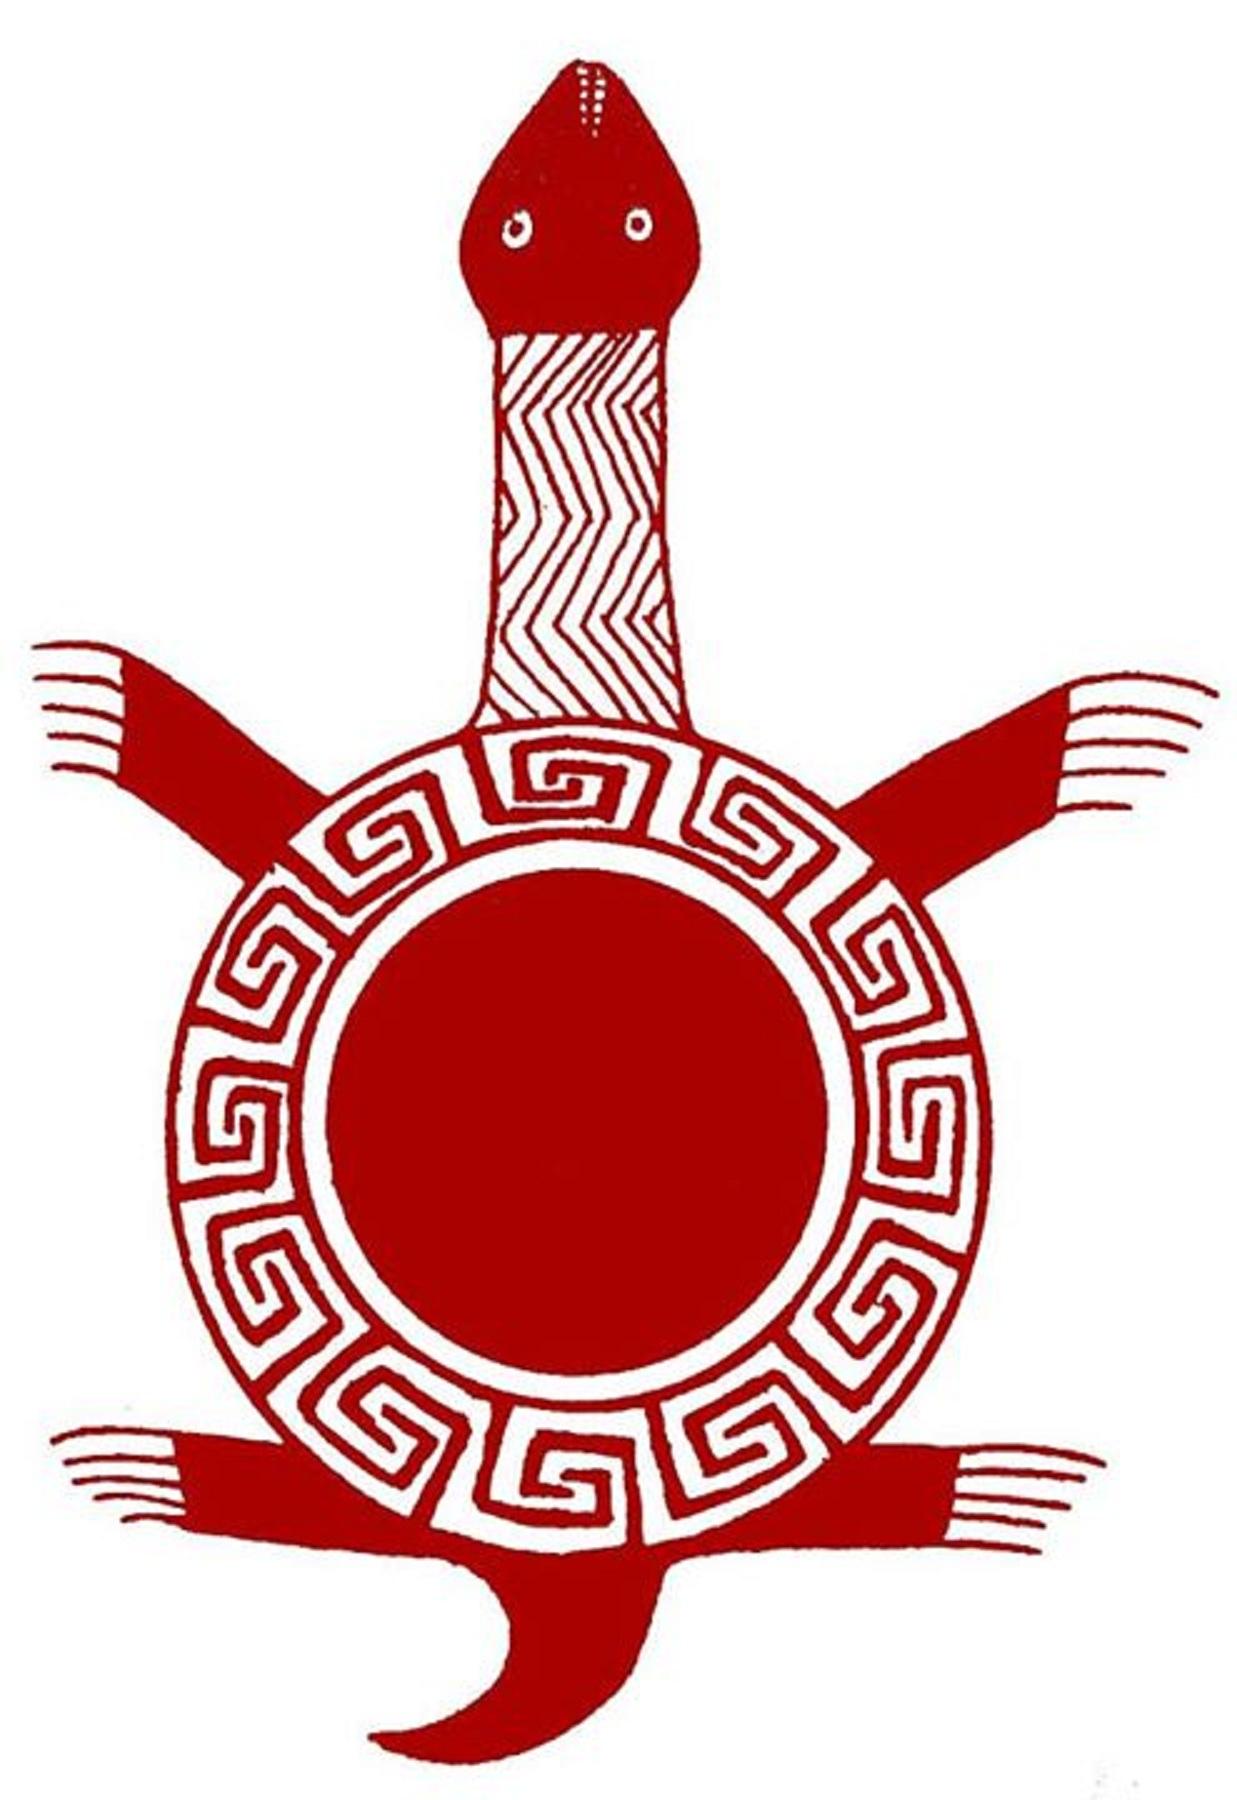 Αυτή η χελώνα είναι σε μουσείο της κεντρικής Αμερικής. Οι αρχαιολόγοι λένε ότι είναι κέλτικη. Εσείς είδατε τους κέλτες να έχουν μαιάνδρους; Σπείρες έχουν άλλα και οι κέλτες ελληνικό φύλο είναι . Ως και τα παραδοσιακά τραγούδια τους και οι χοροί τους ελληνικούς μοιάζουν. Πως ξεχνούν όλοι οι αρχαιολόγοι την Ελλάδα; Λέτε να είναι τύχη;